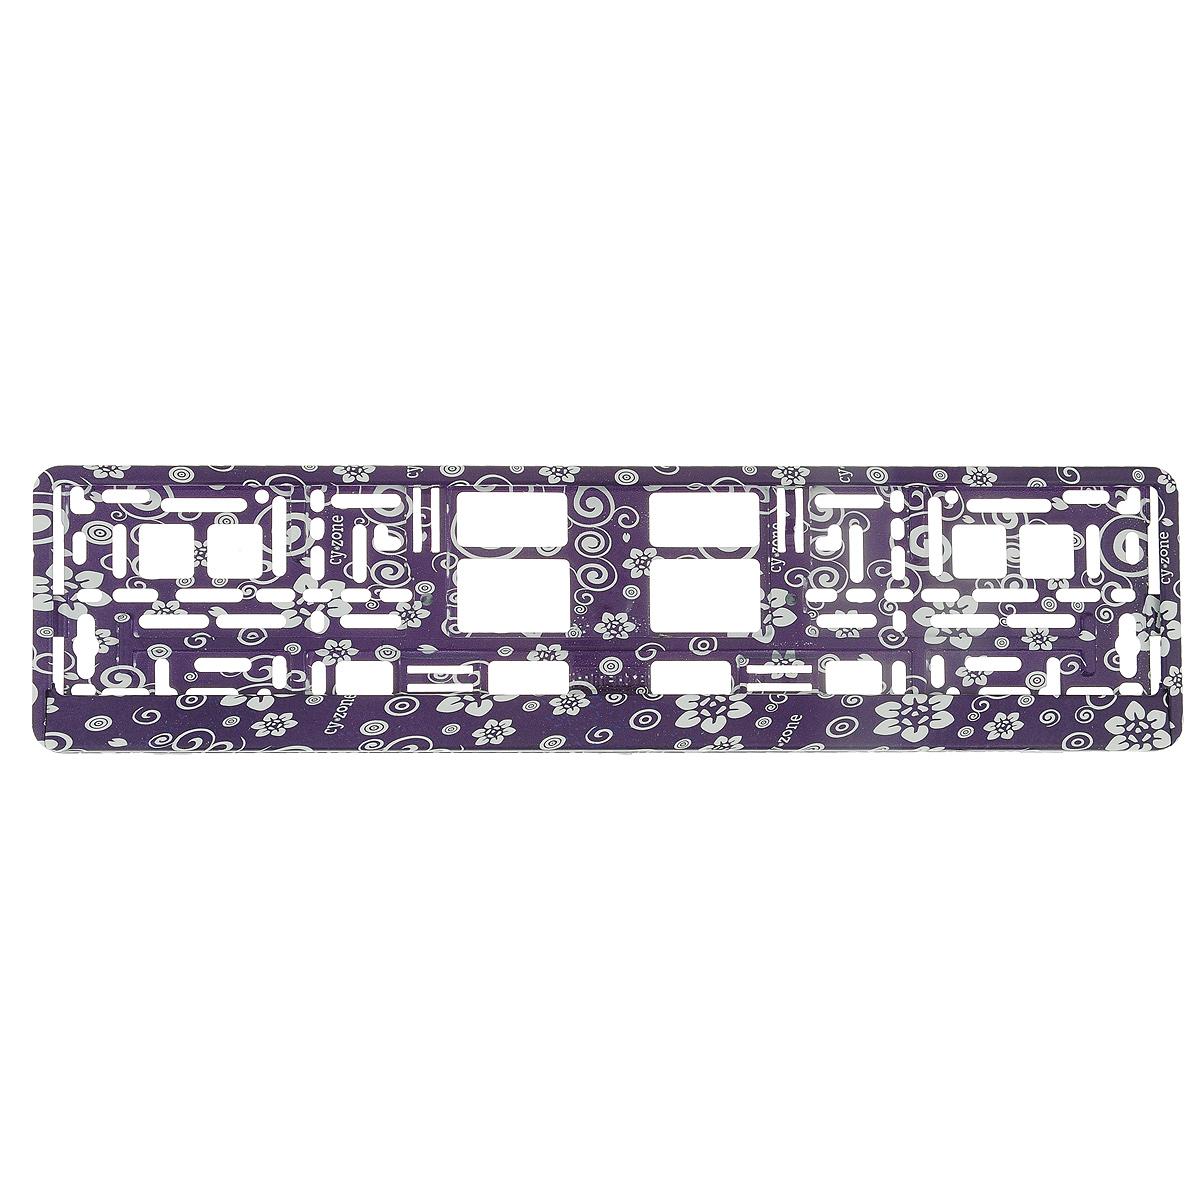 Рамка под номер Цветы, цвет: фиолетовыйЗ0000014150Рамка Цветы не только закрепит регистрационный знак на вашем автомобиле, но и красиво его оформит. Основание рамки выполнено из полипропилена, материал лицевой панели - пластик.Она предназначена для крепления регистрационного знака российского и европейского образца, декорирована принтом. Устанавливается на все типы автомобилей. Крепления в комплект не входят.Стильный дизайн идеально впишется в экстерьер вашего автомобиля.Размер рамки: 53,5 см х 13,5 см. Размер регистрационного знака: 52,5 см х 11,5 см.